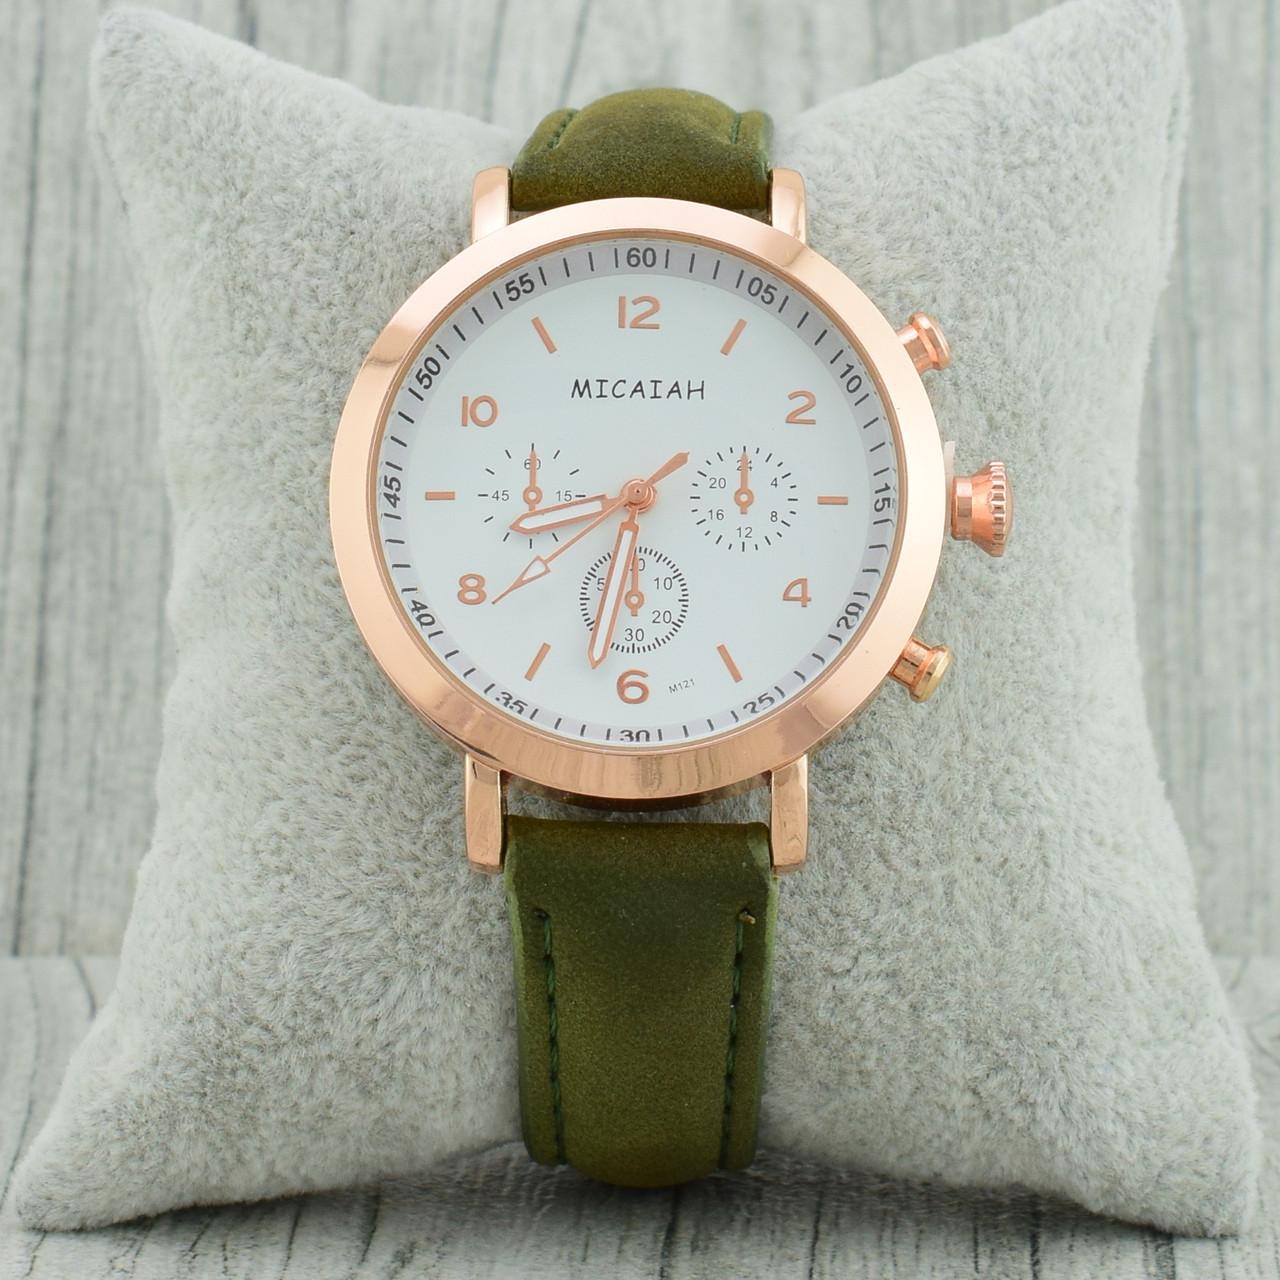 Часы G-101 диаметр циферблата 3.8 см, длина ремешка 17-21 см, цвет хаки, позолота РО